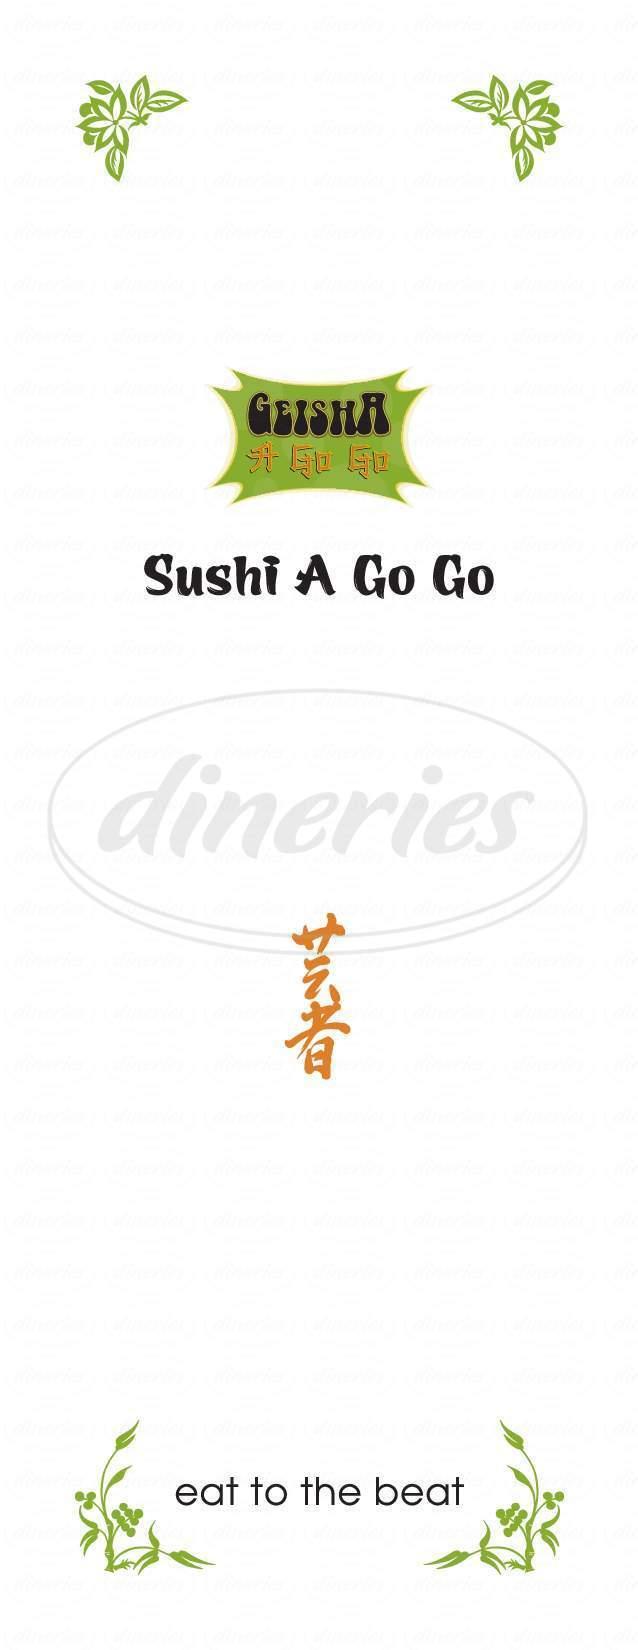 menu for Geisha A Go Go